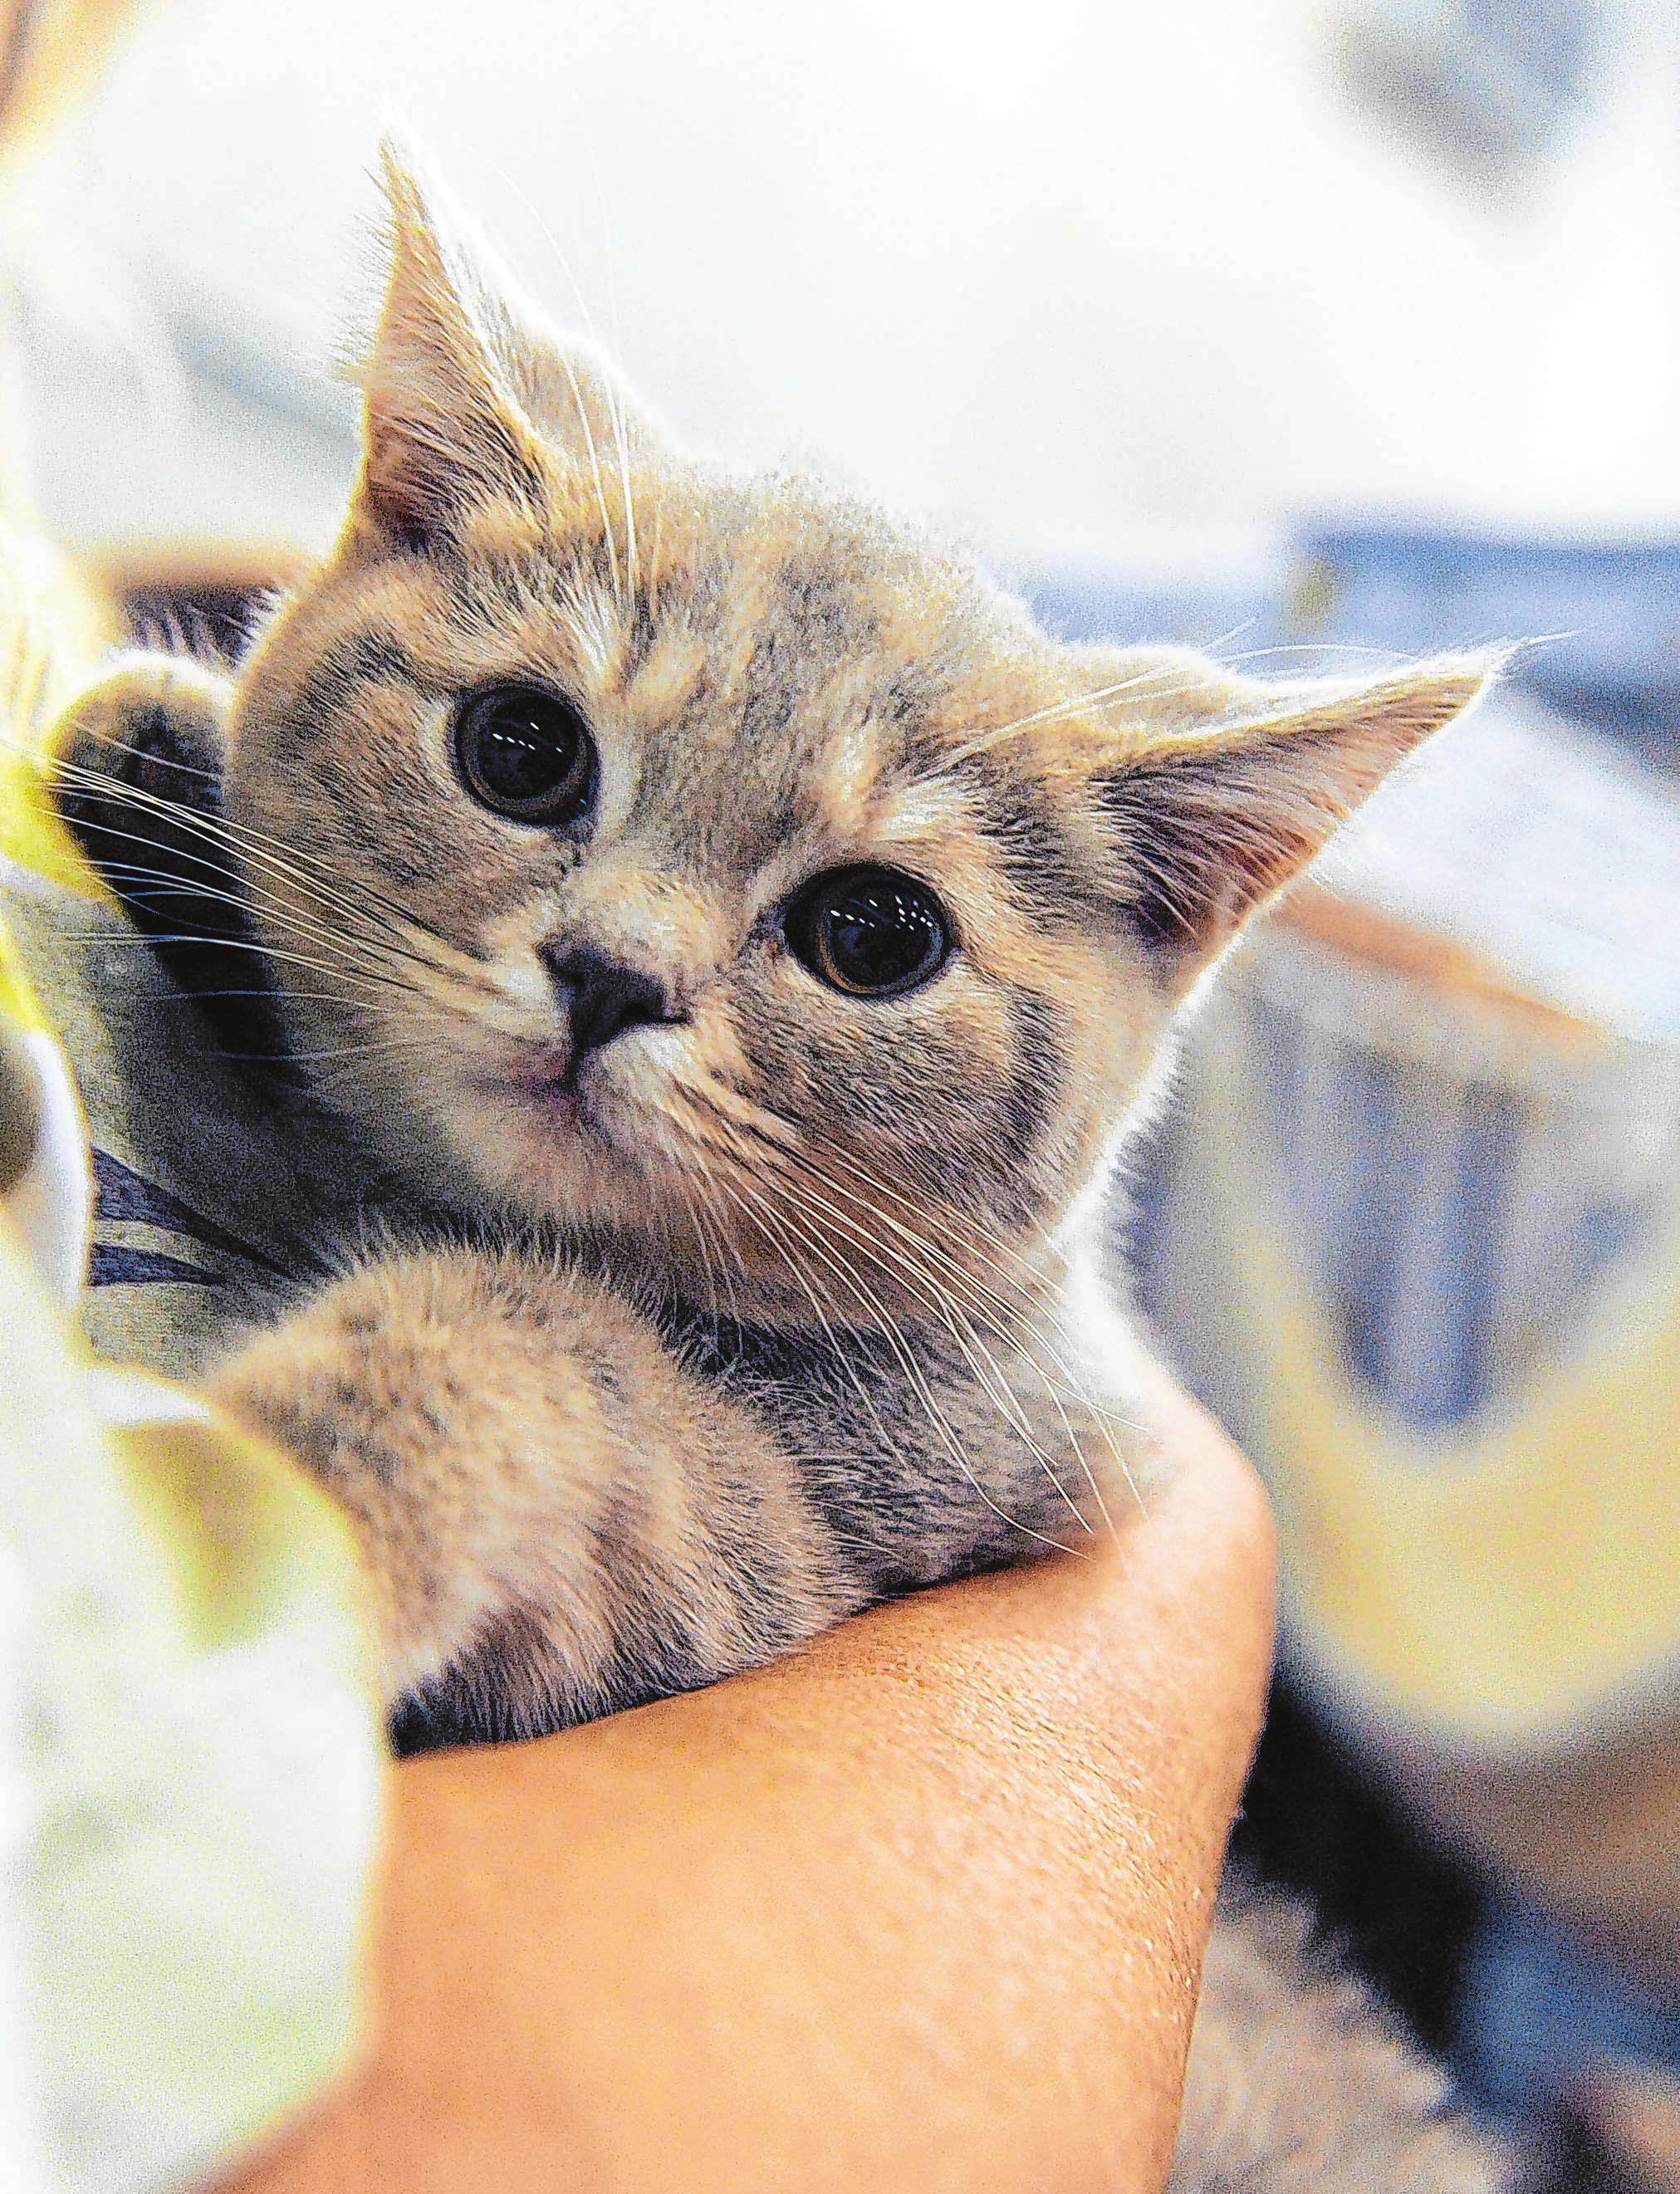 Wenn das Kätzchen schnurrt, ist das nicht immer ein Zeichen, dass es sich wohlfühlt. Foto: Mascha Brichta/dpa-mag